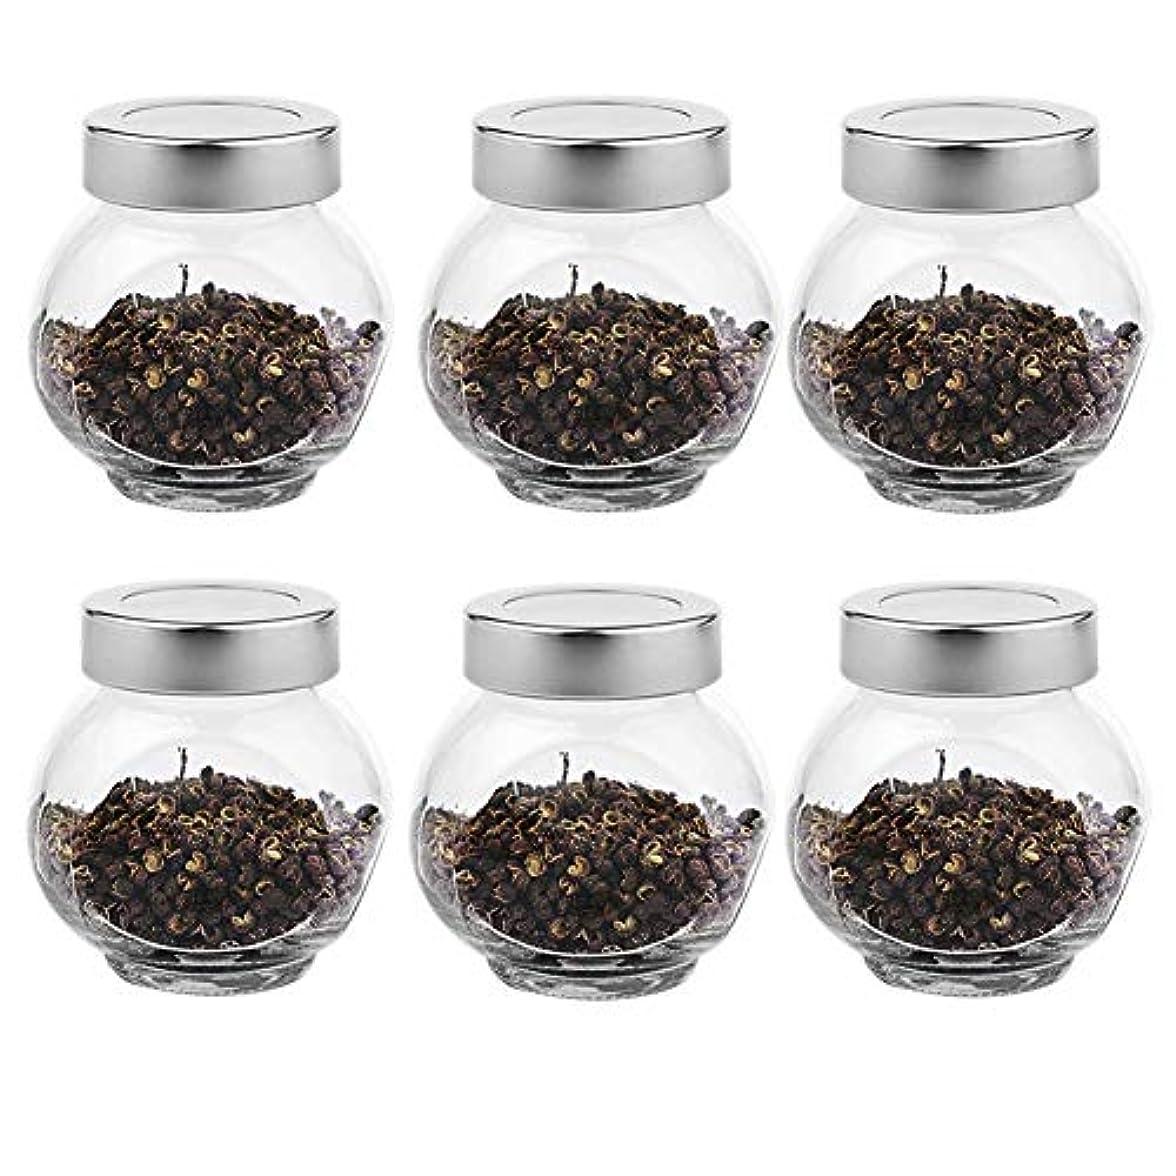 激しい可動ハイキングに行く6つの透明ガラス貯蔵容器茶/季節密封缶(200 ml)の貯蔵ジャーパック